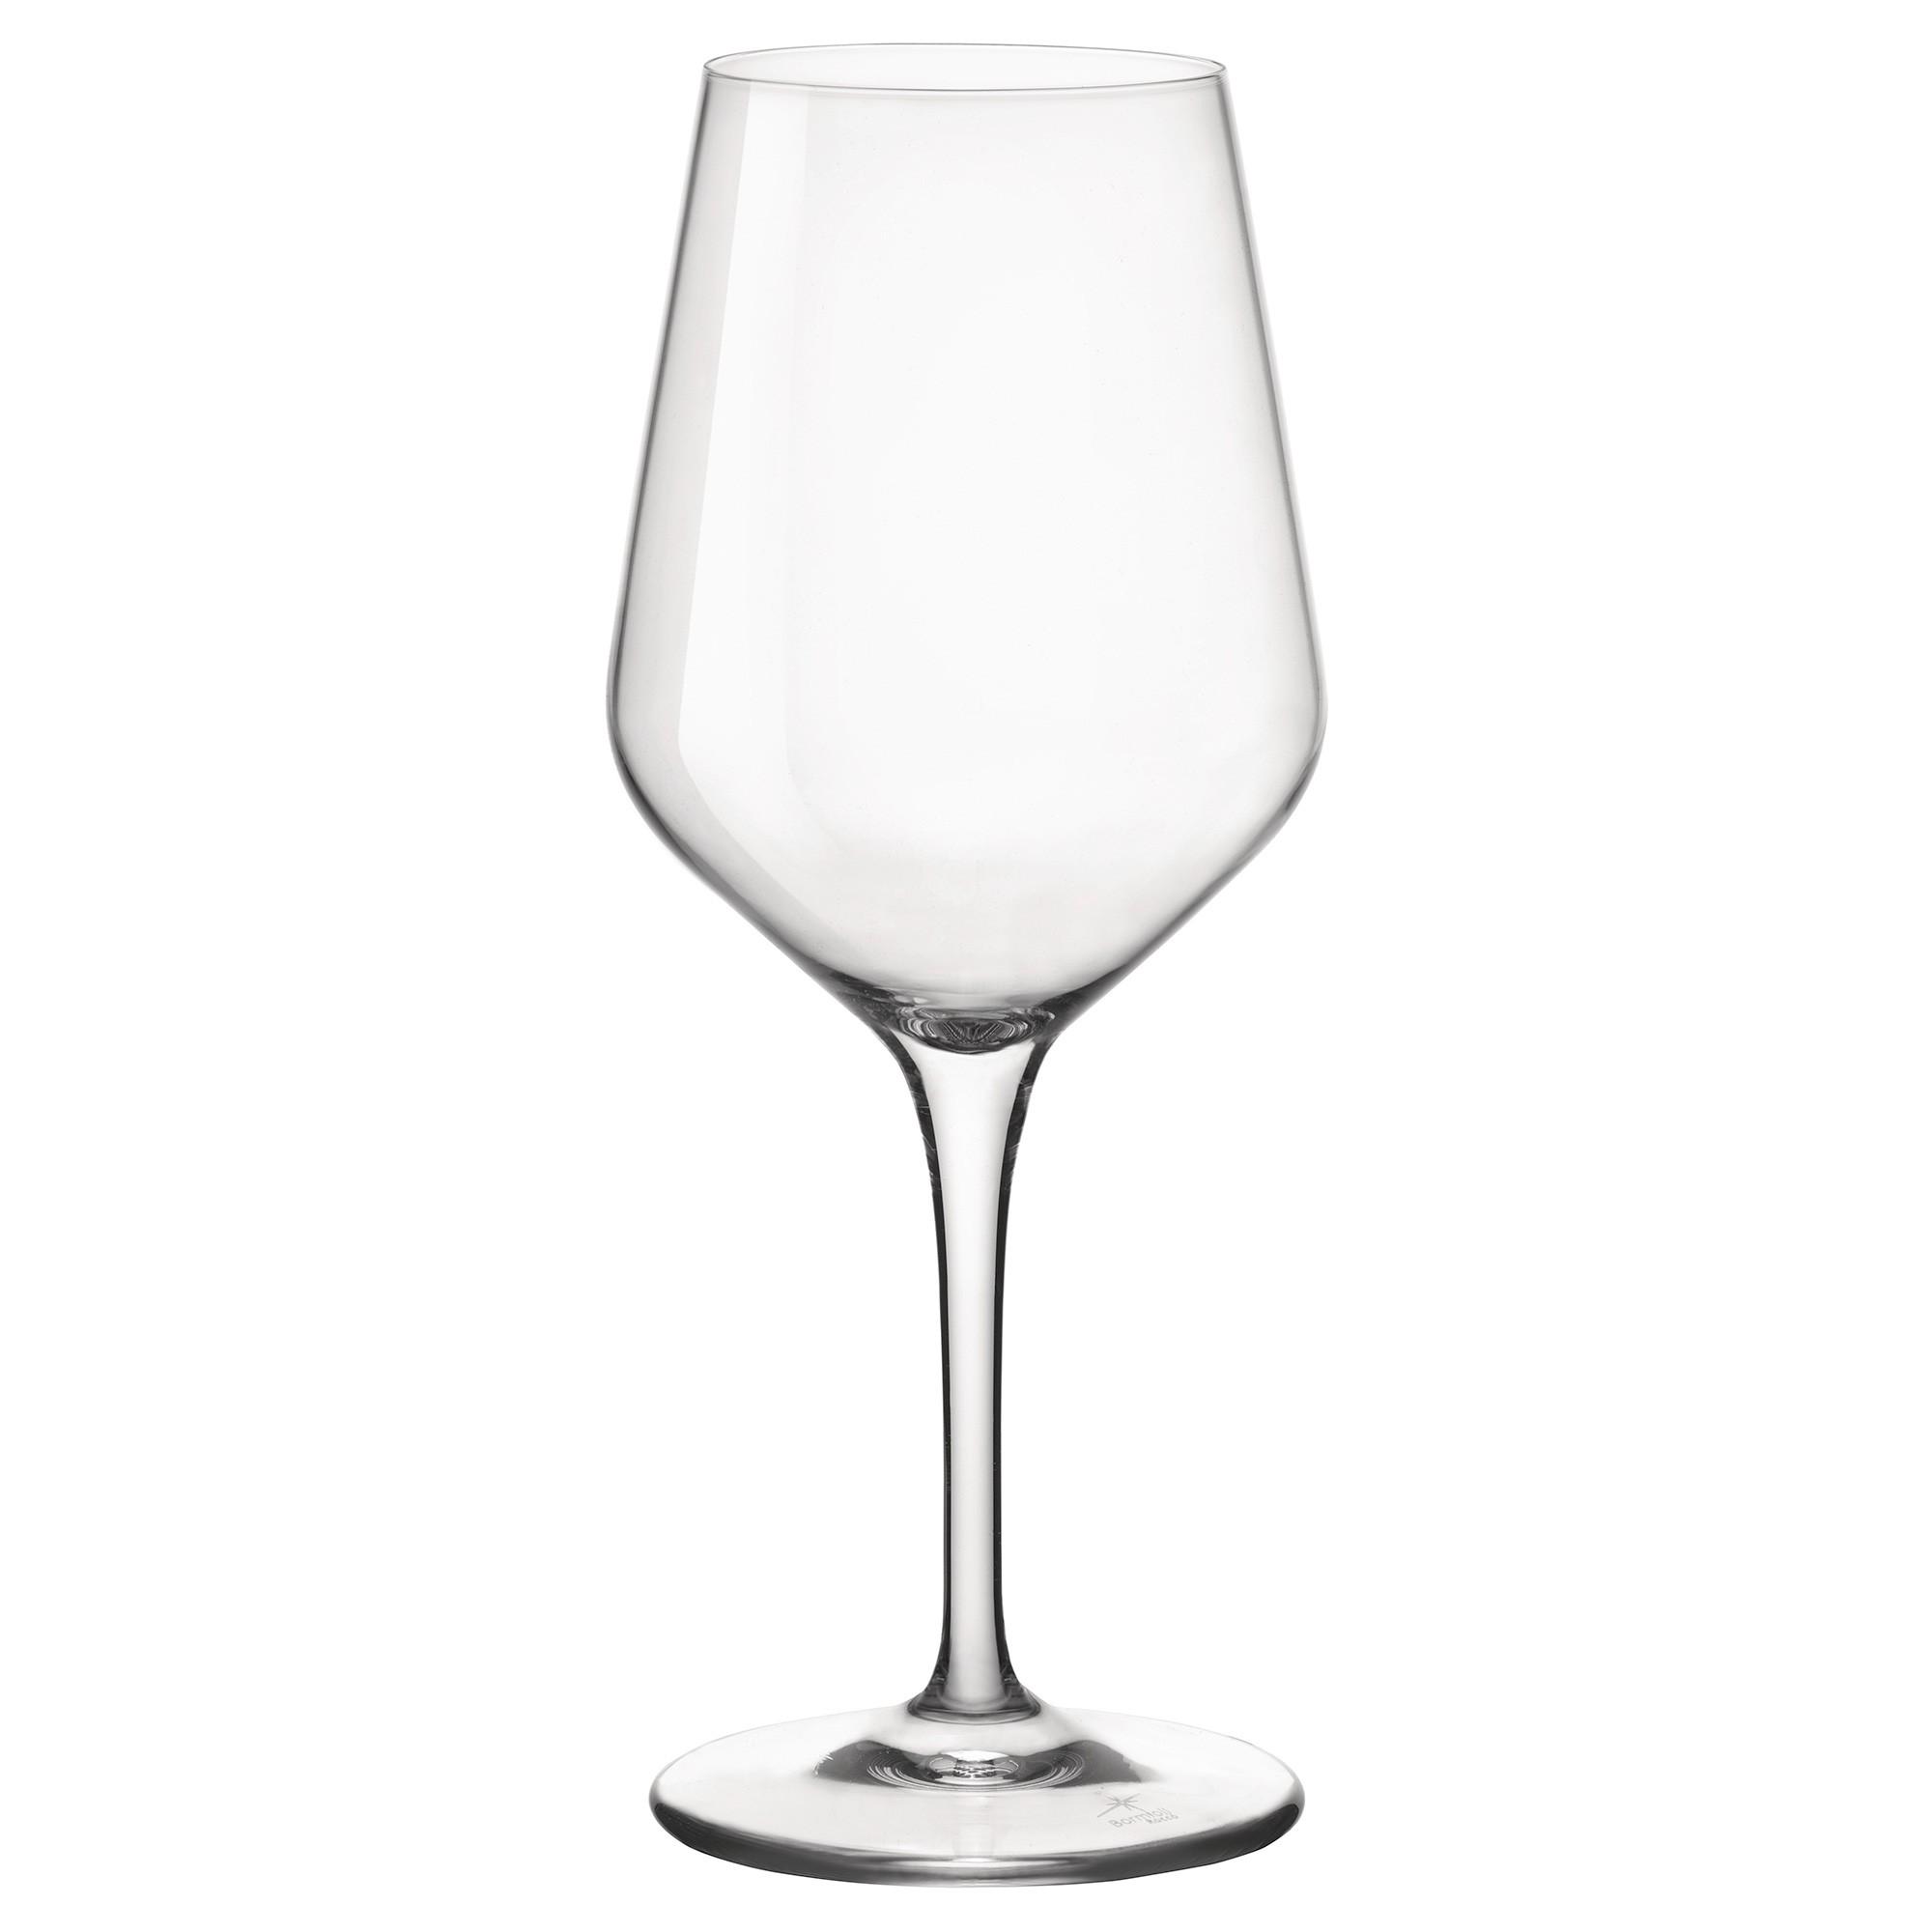 Bormioli Rocco Electra Small Wine Glasses, Set of 6